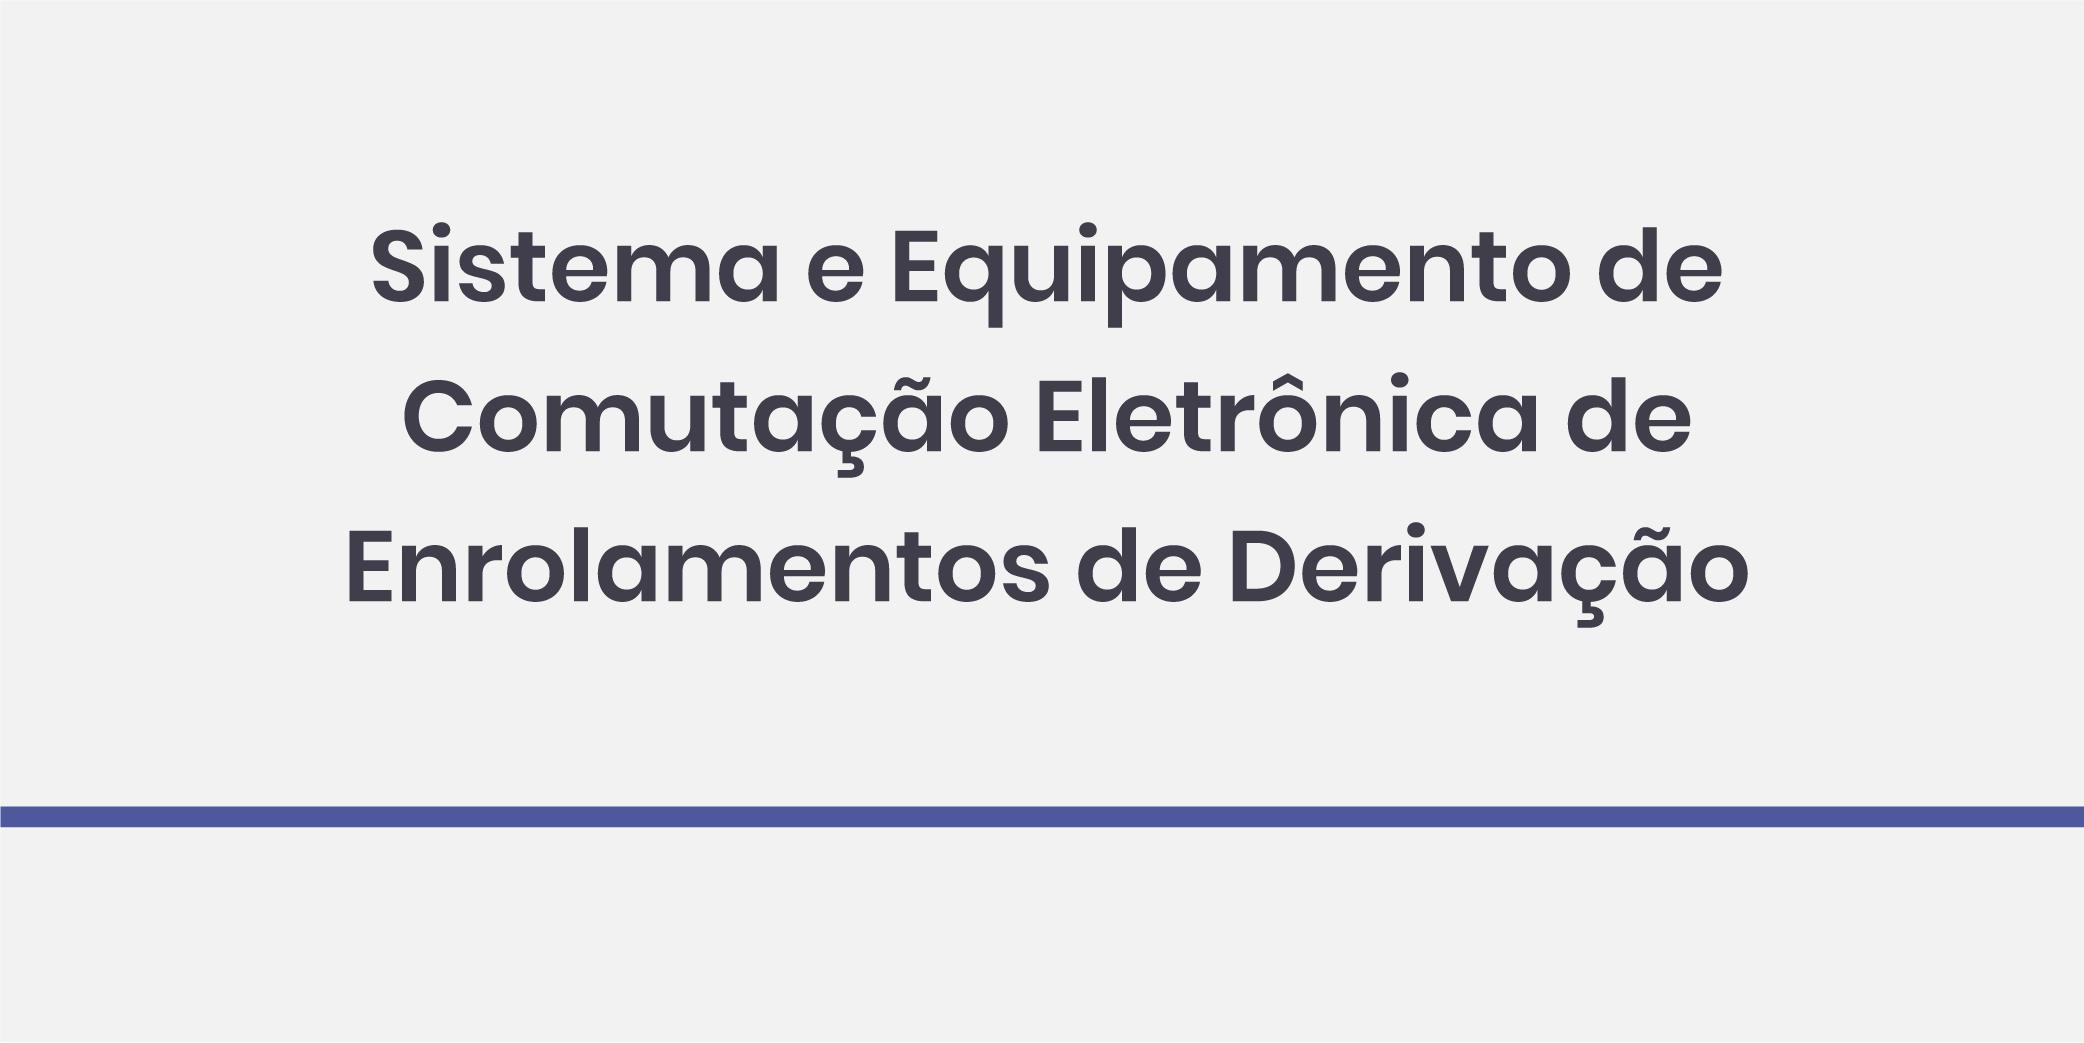 Sistema e Equipamento de Comutação Eletrônica de Enrolamentos de Derivação